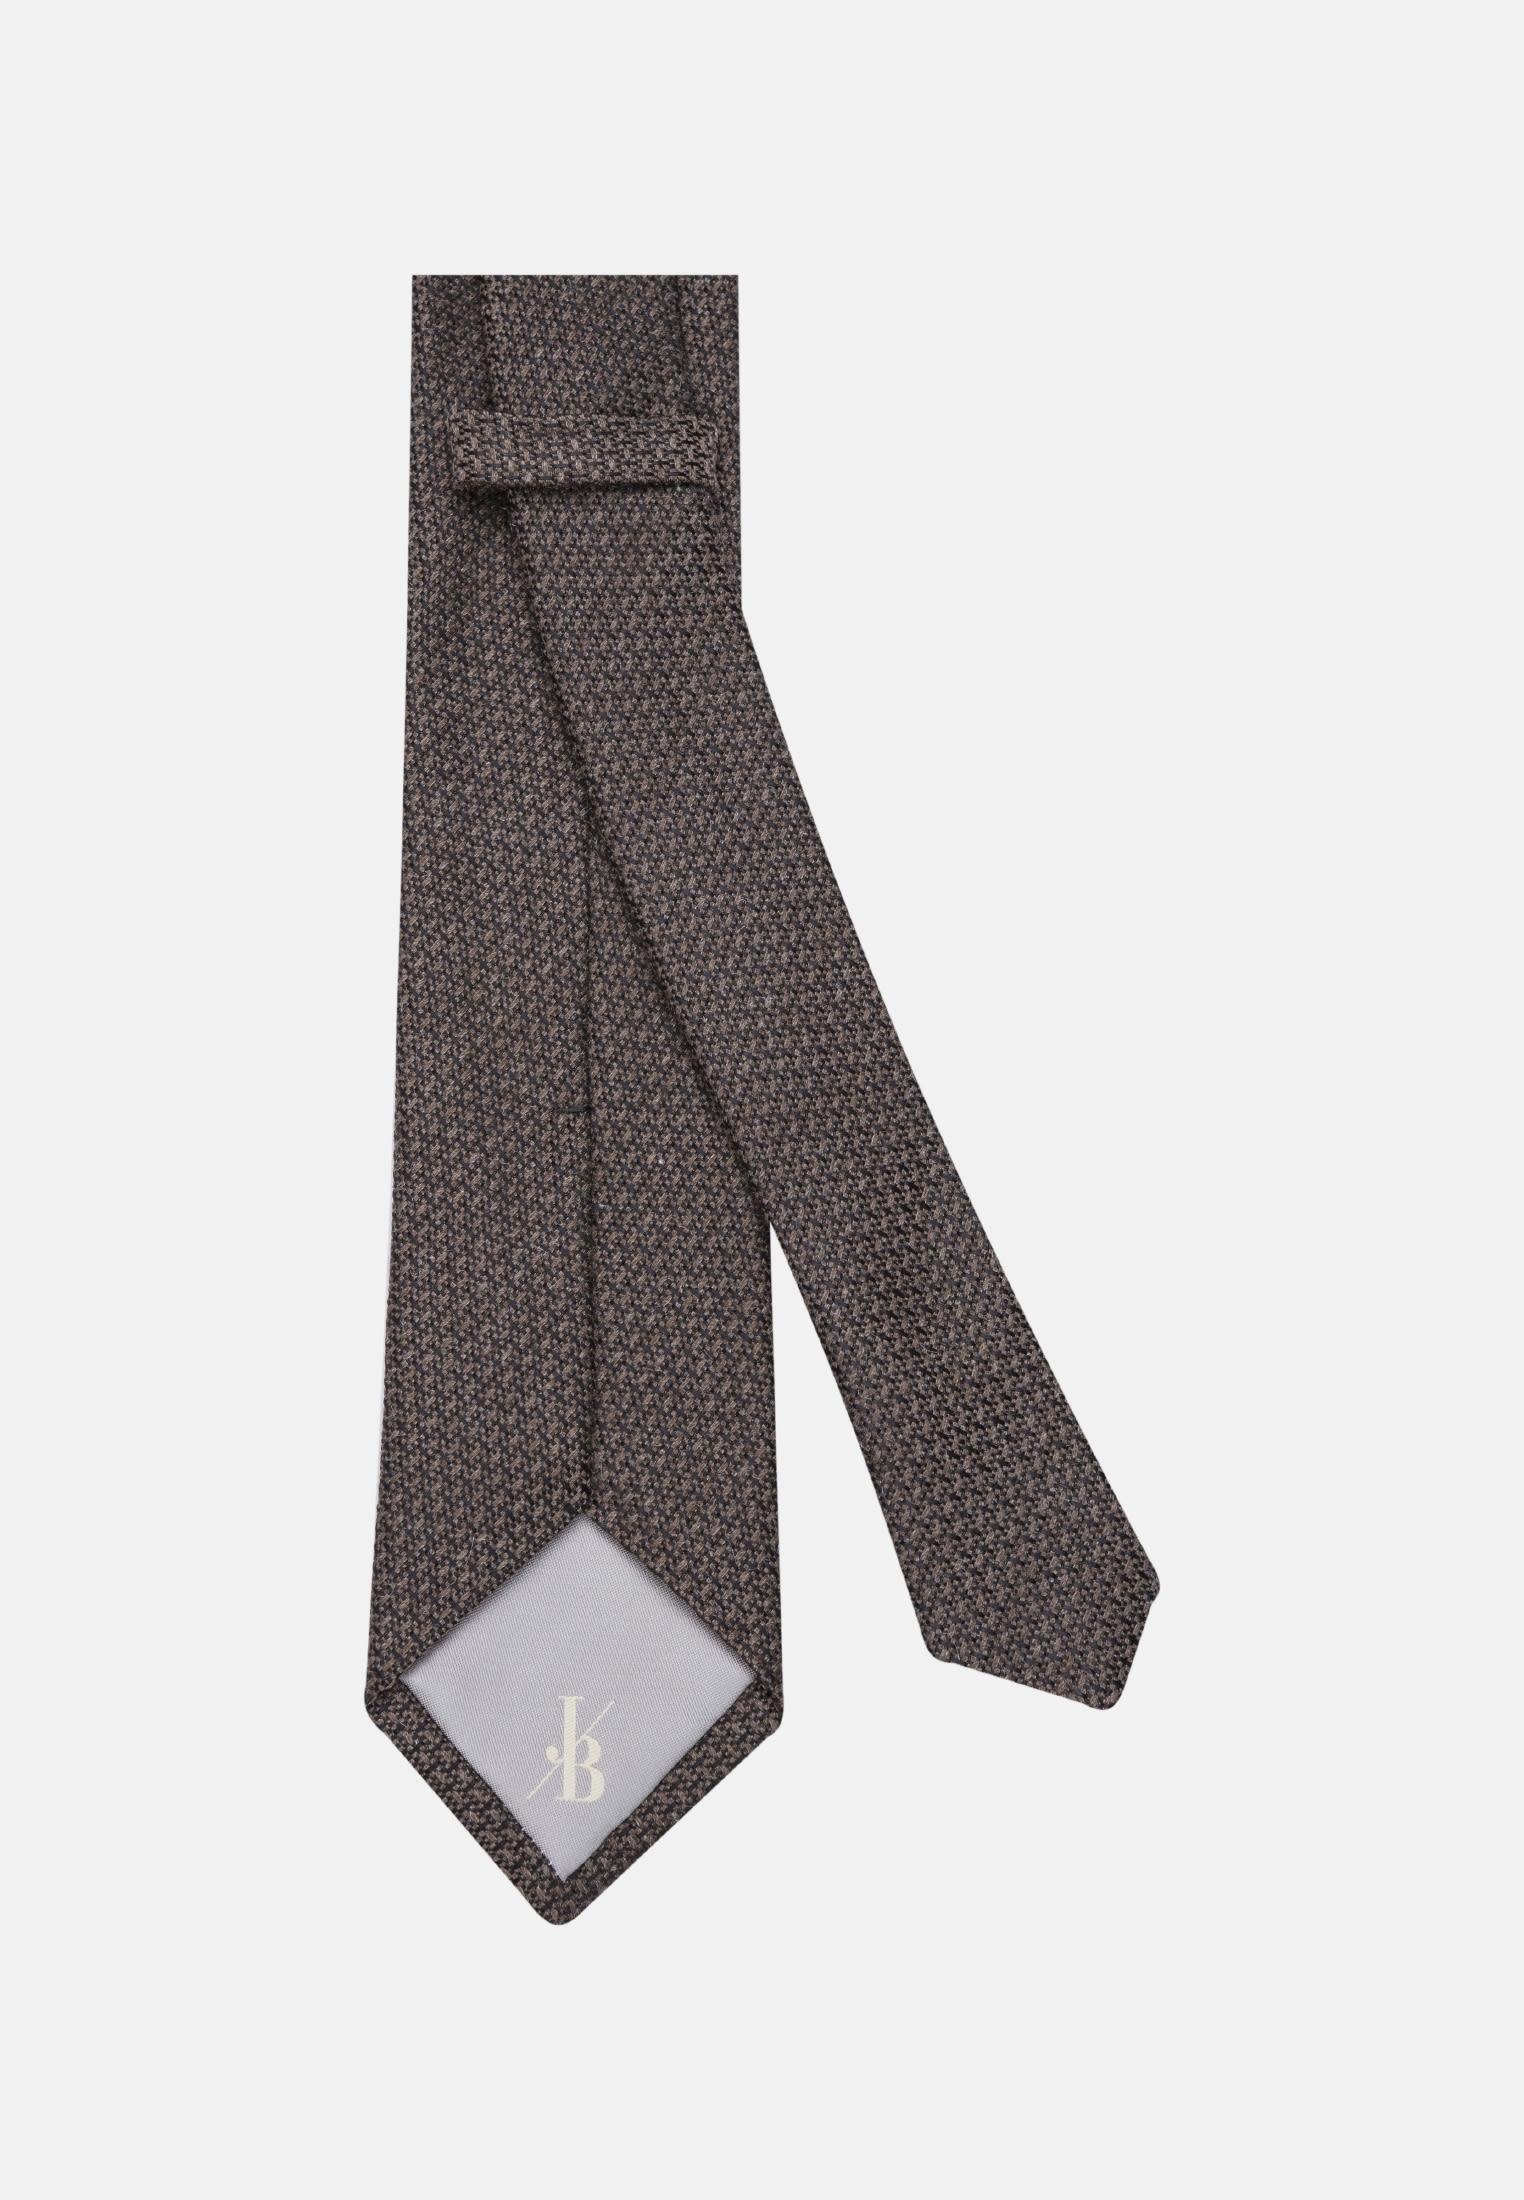 Krawatte aus 7 cm Breit in Braun    Jacques Britt Onlineshop